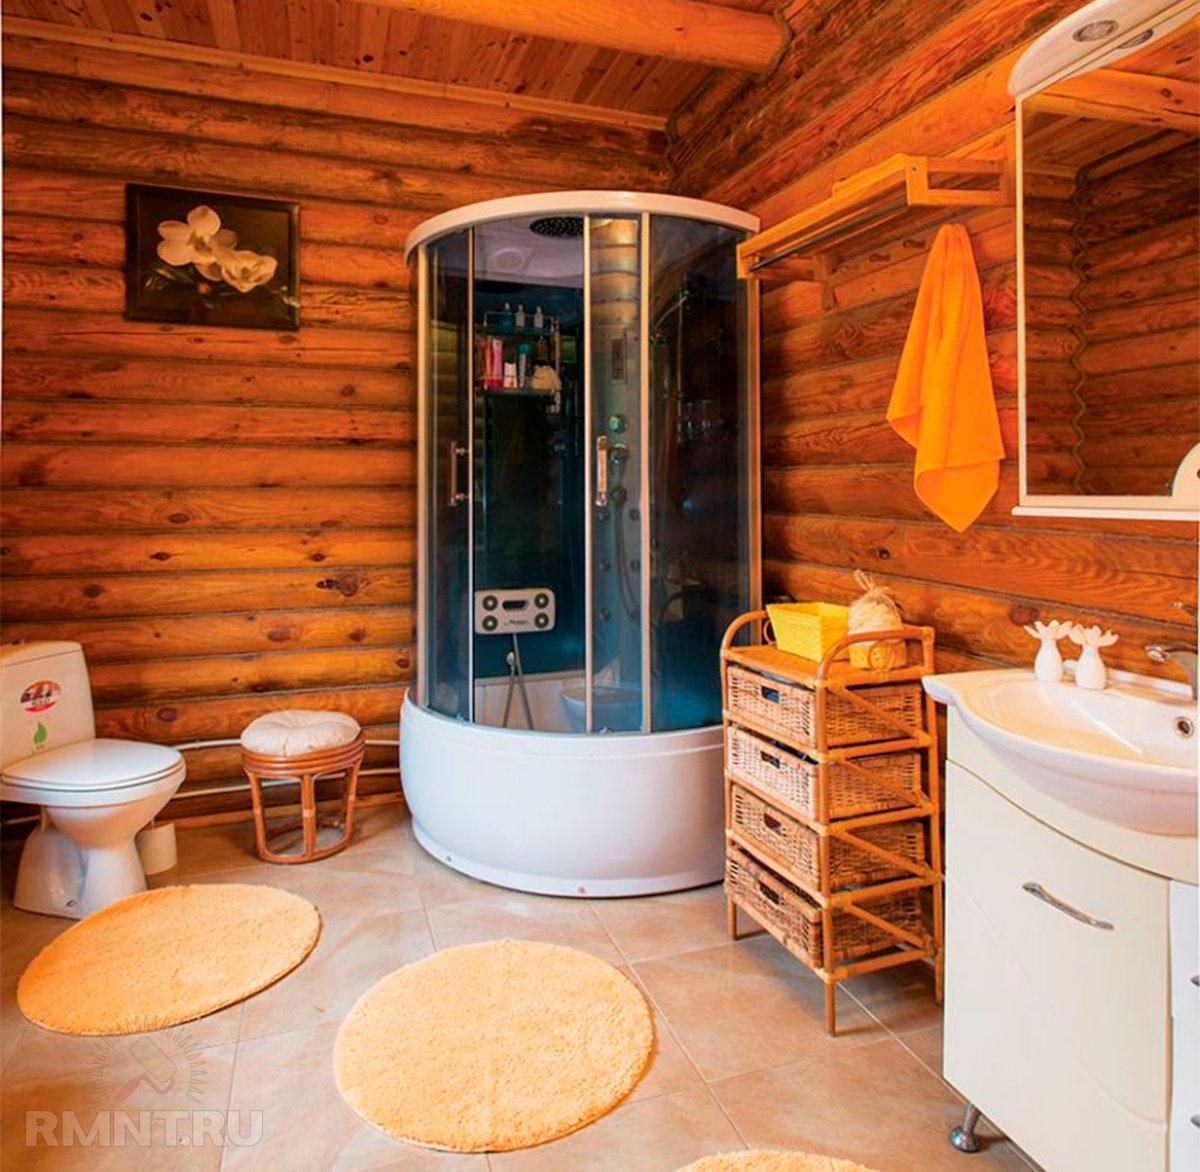 Санузел в деревянном доме: фото, видео обустройства санузел в деревянном доме: фото, видео обустройства